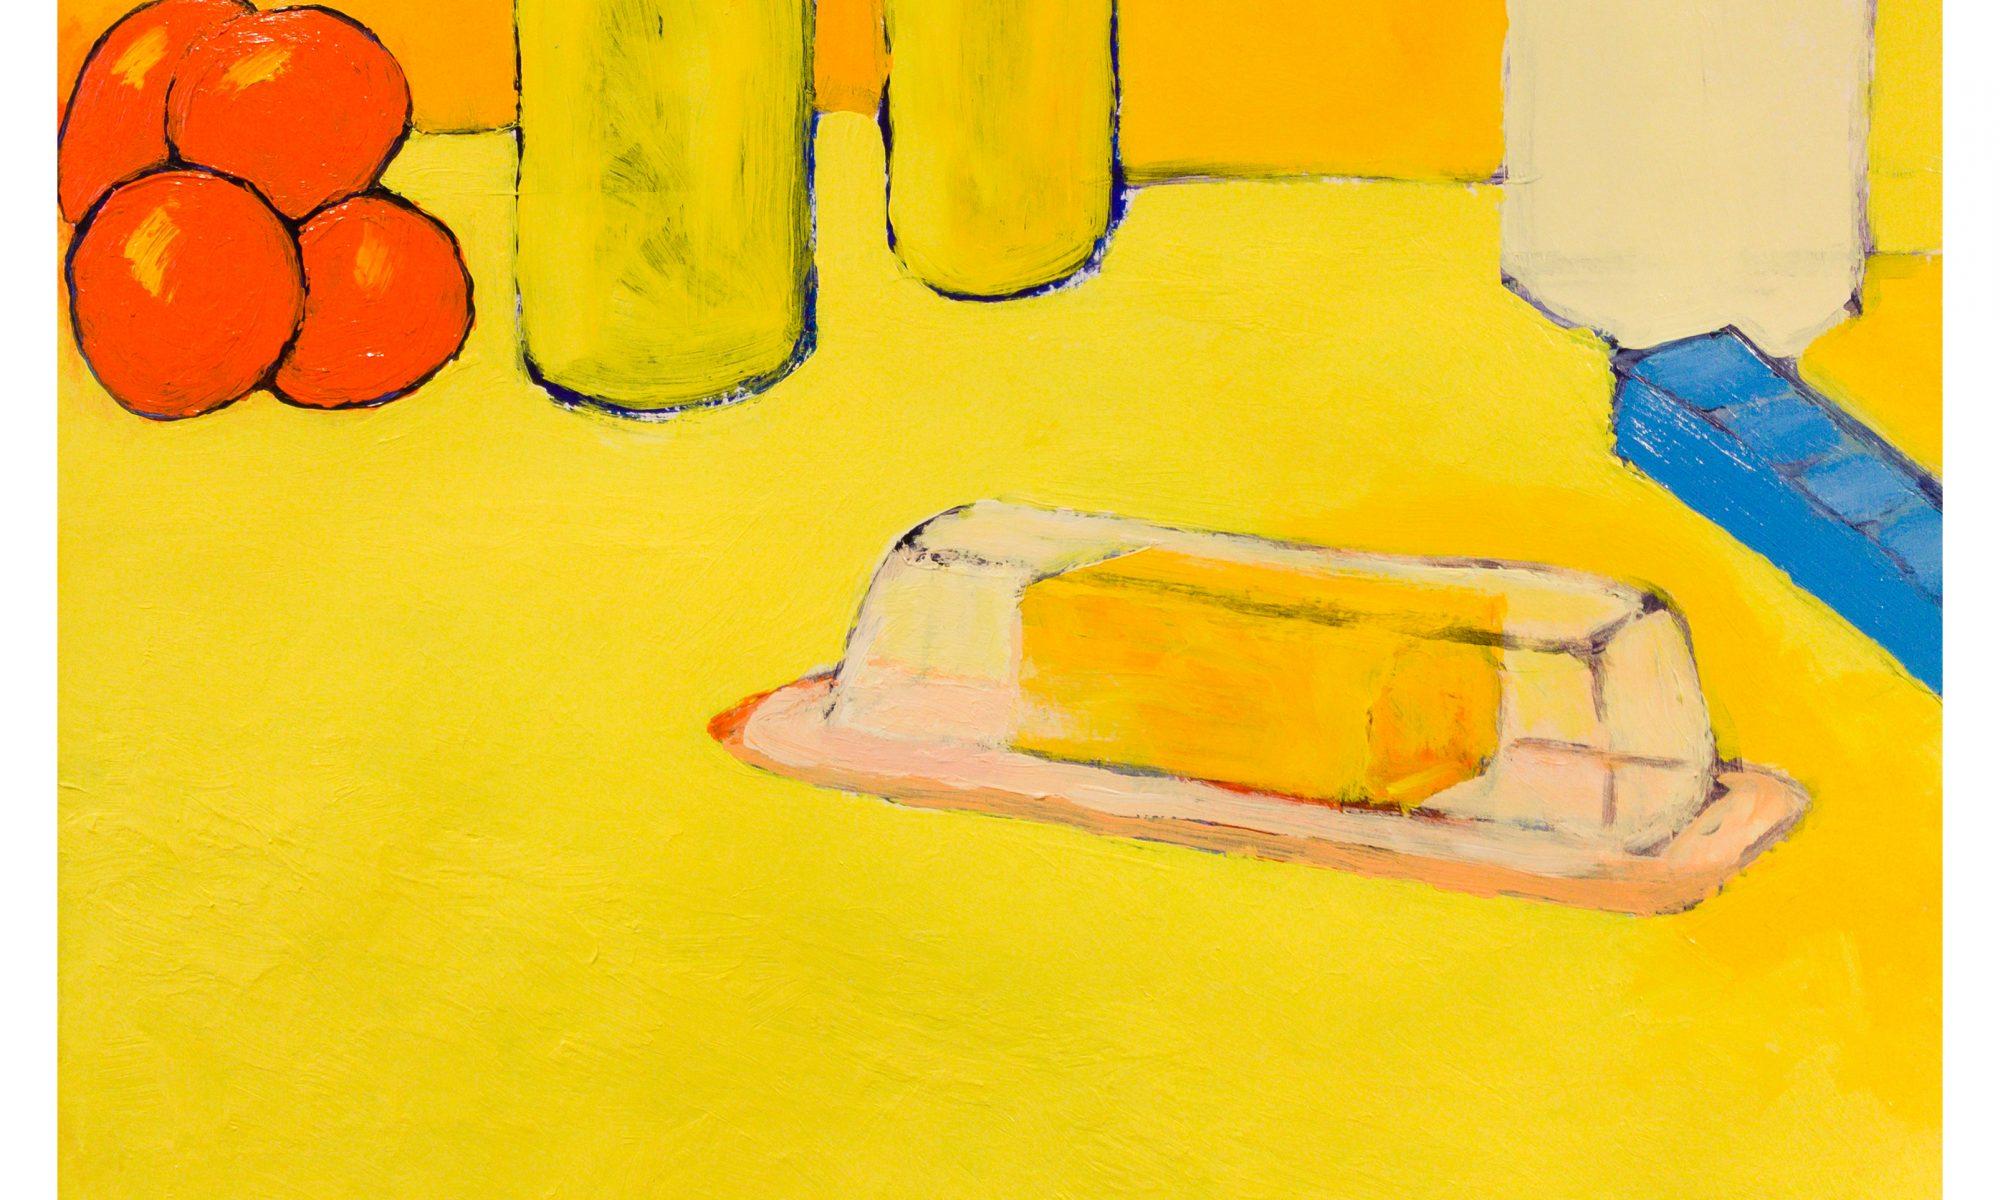 Butter, 07-02-20